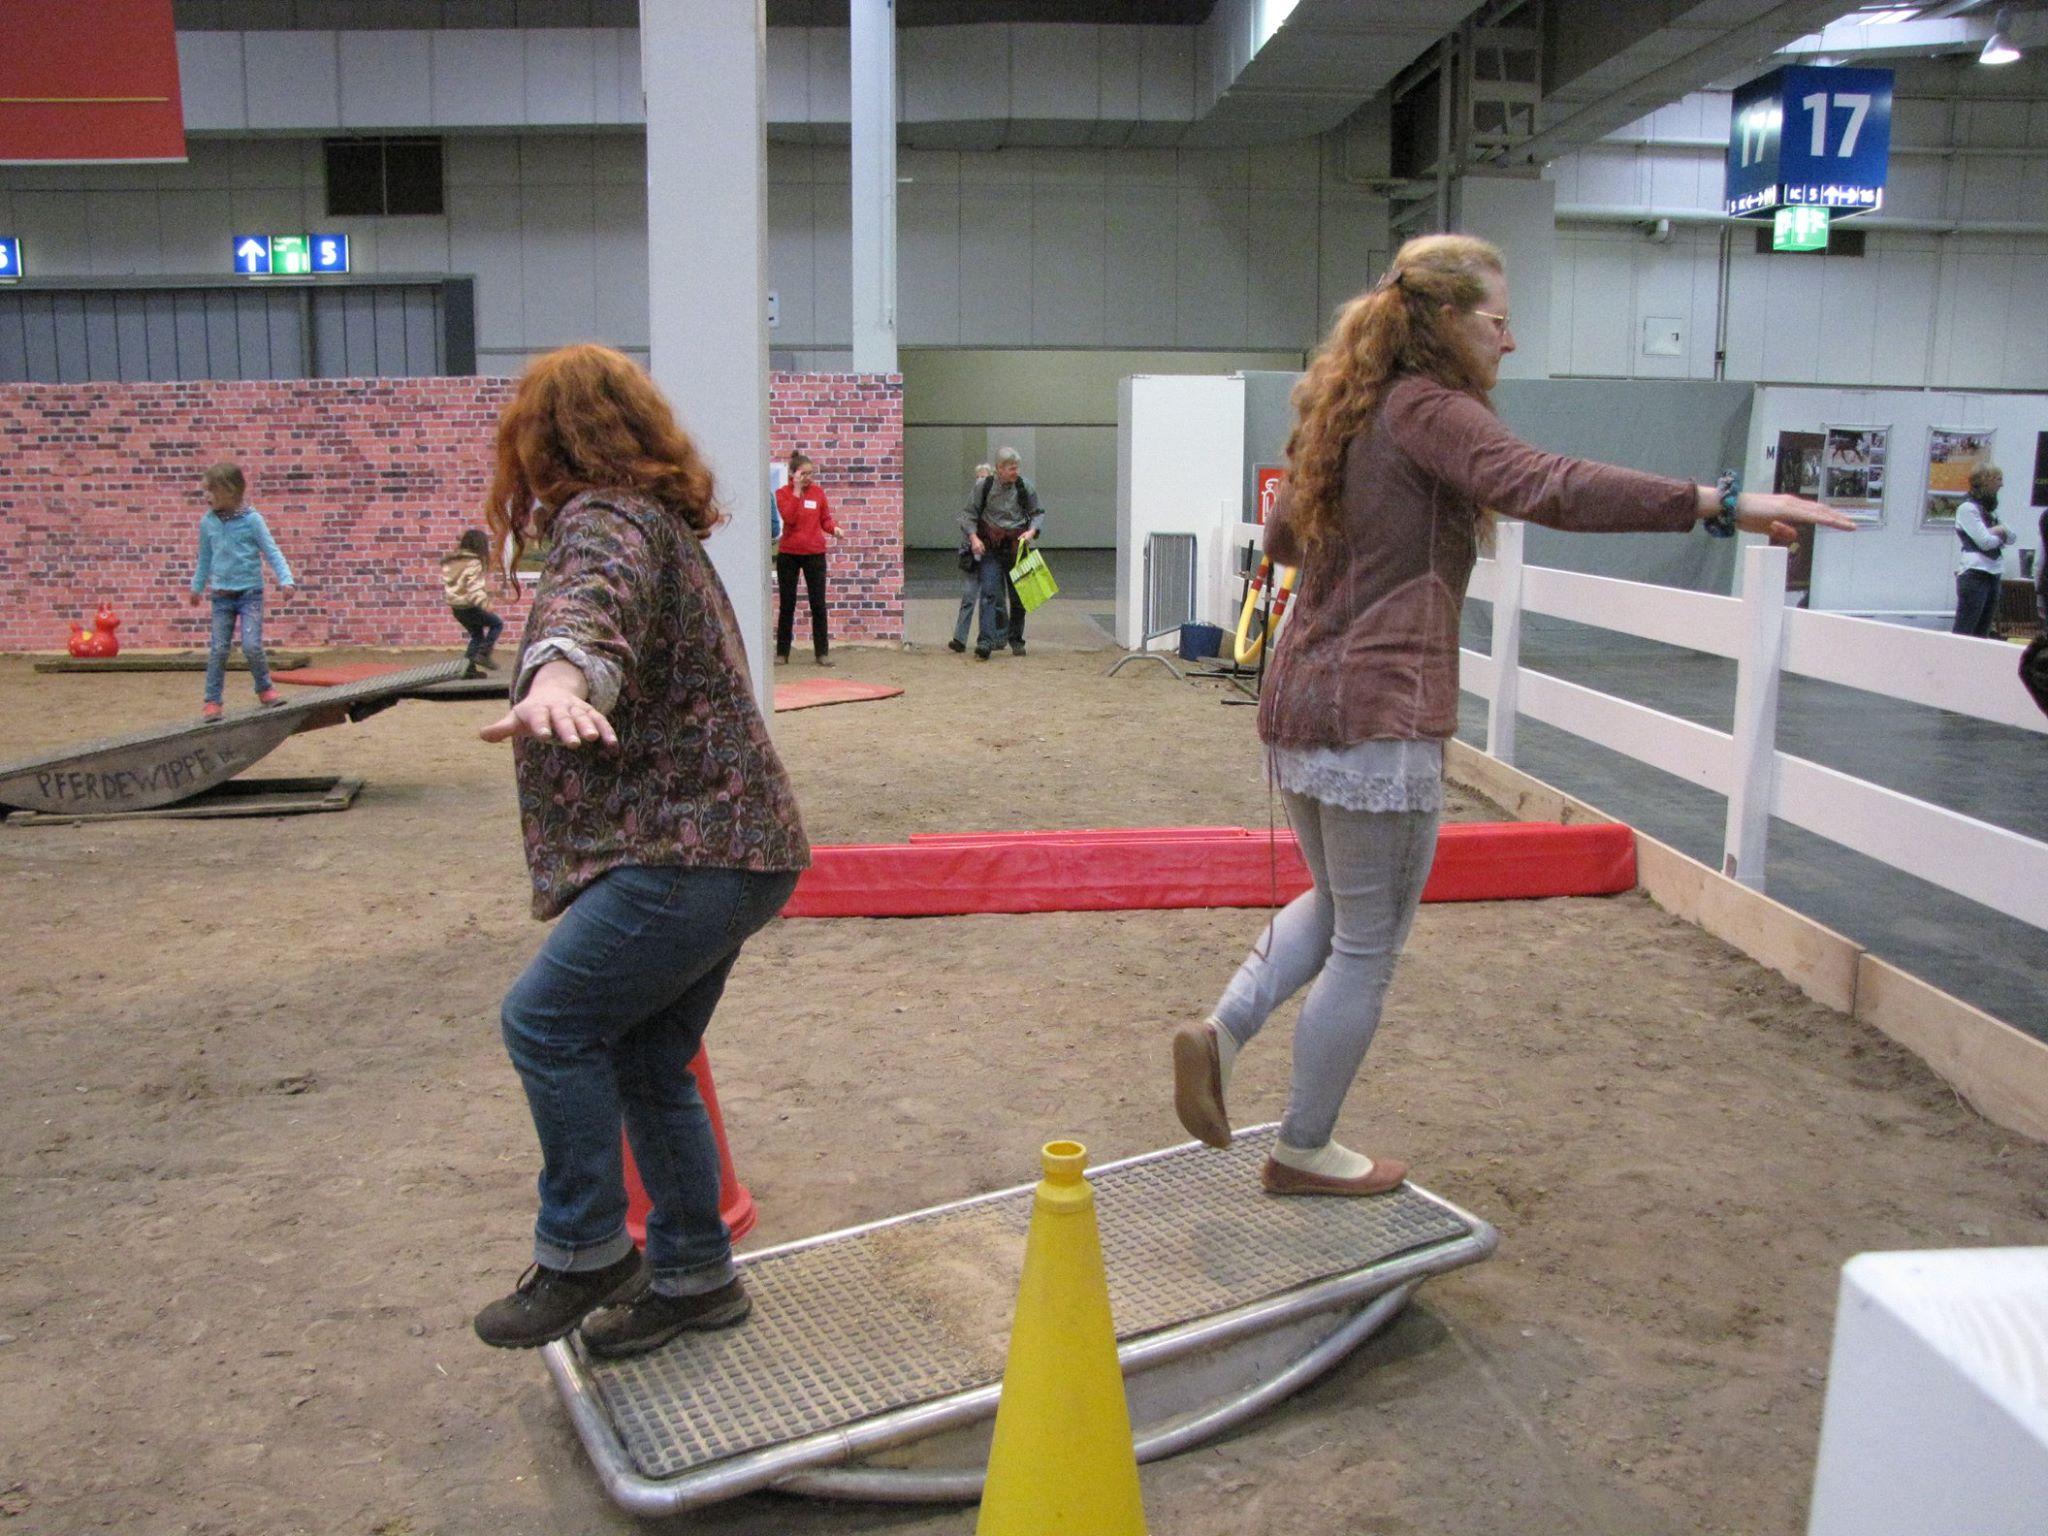 Viviane Theby und Ovis Ridens wippen mit hoher Herausforderung.